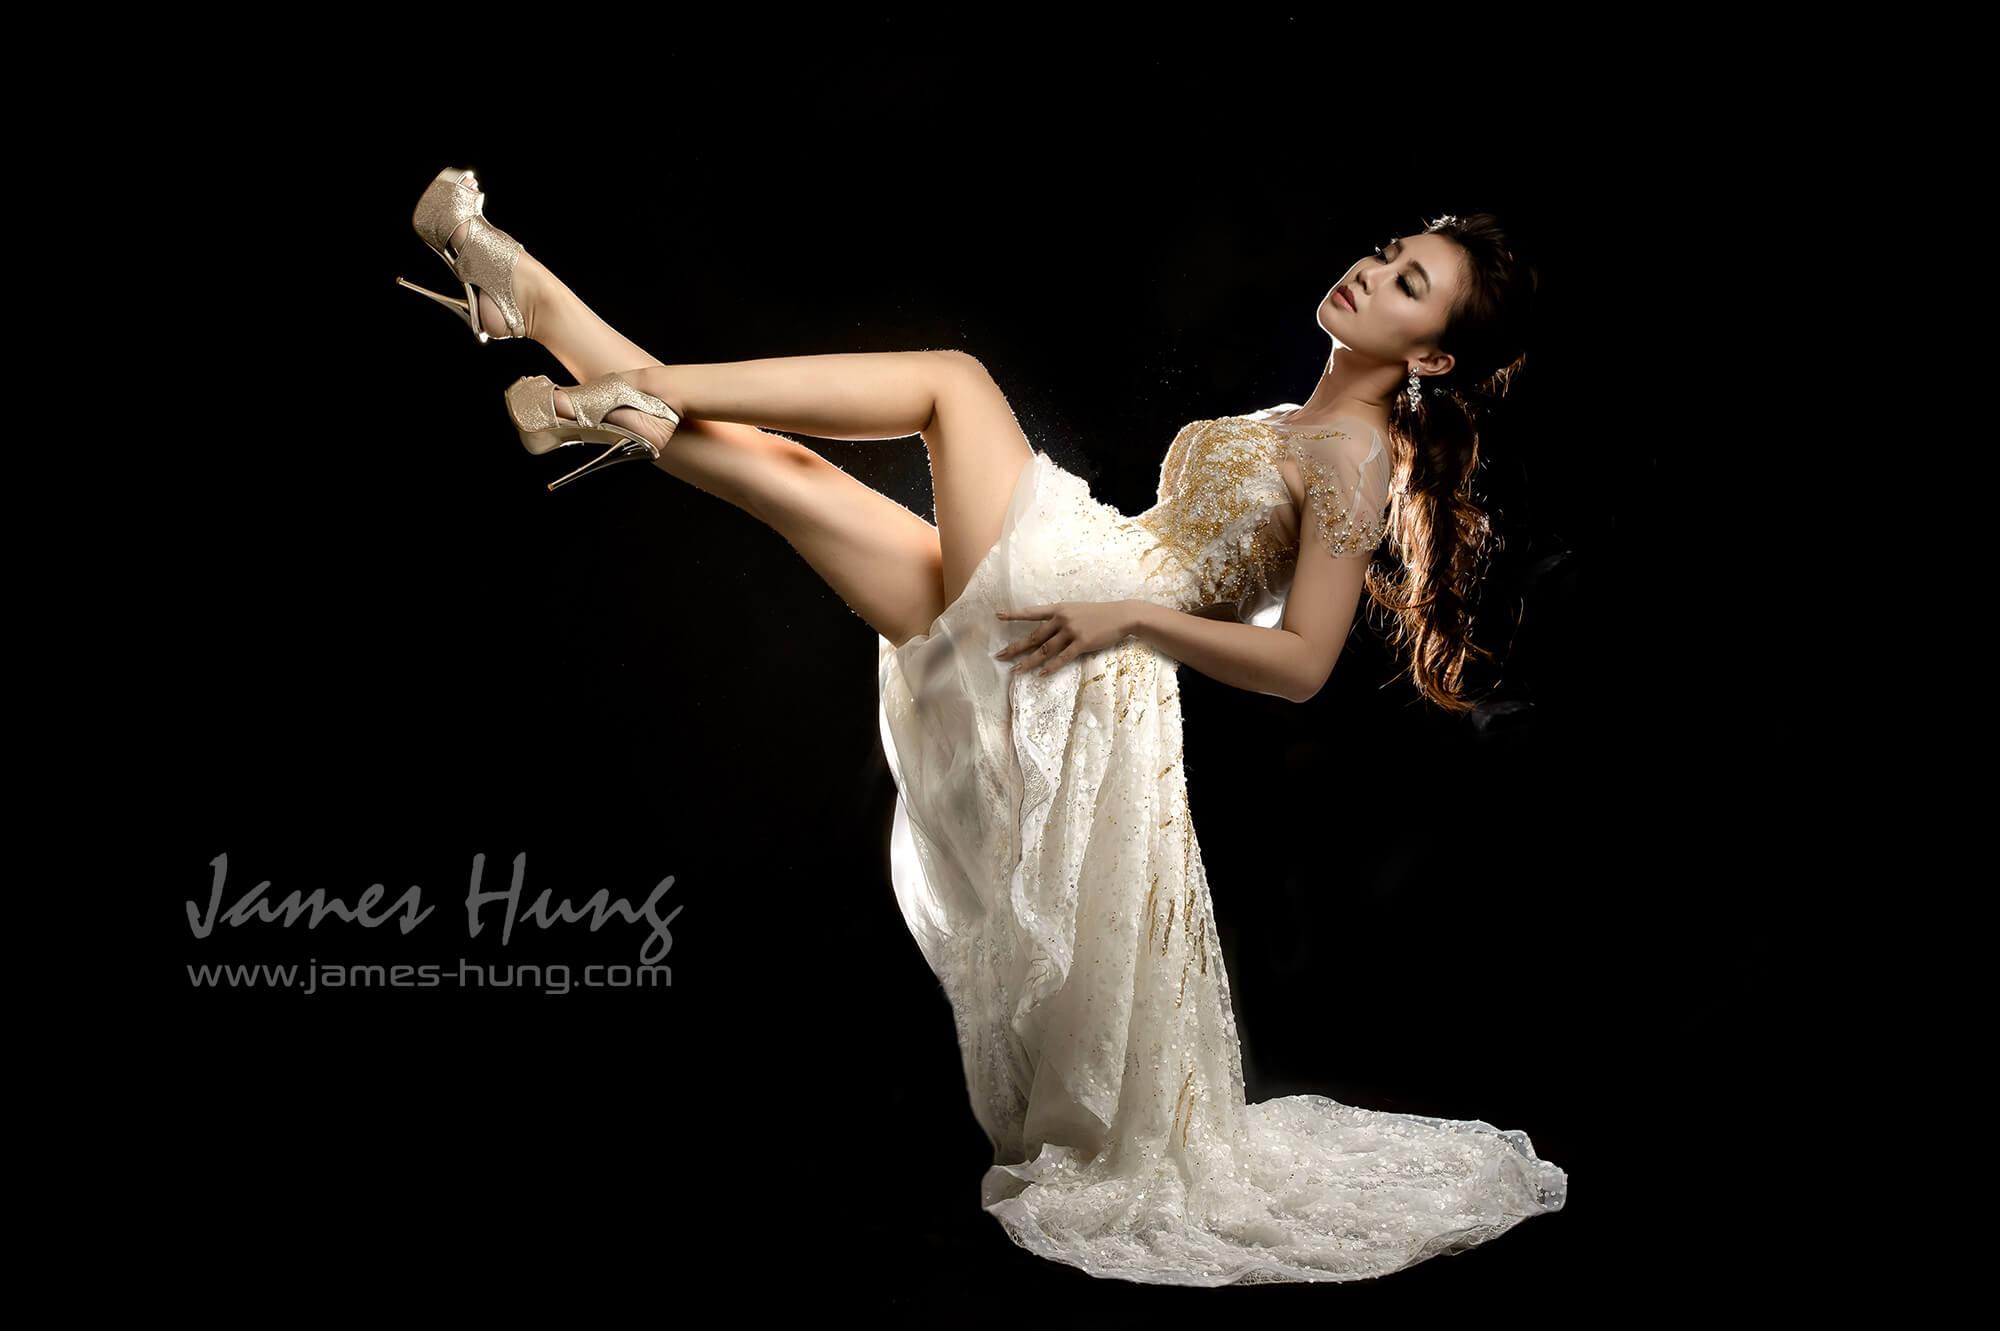 Wedding, 就是紅婚攝攝影,婚禮攝影,婚禮儀式,婚攝緍禮經驗分享,台北婚攝,自助婚紗,婚禮紀實, 婚禮紀錄,婚攝,婚攝收費,婚攝行情,優質婚攝,自助婚紗,傳統婚紗,婚攝James Hung,婚攝AHung,JH影像工作室,戶外婚紗,主題婚紗,野外婚紗,婚禮攝影價格